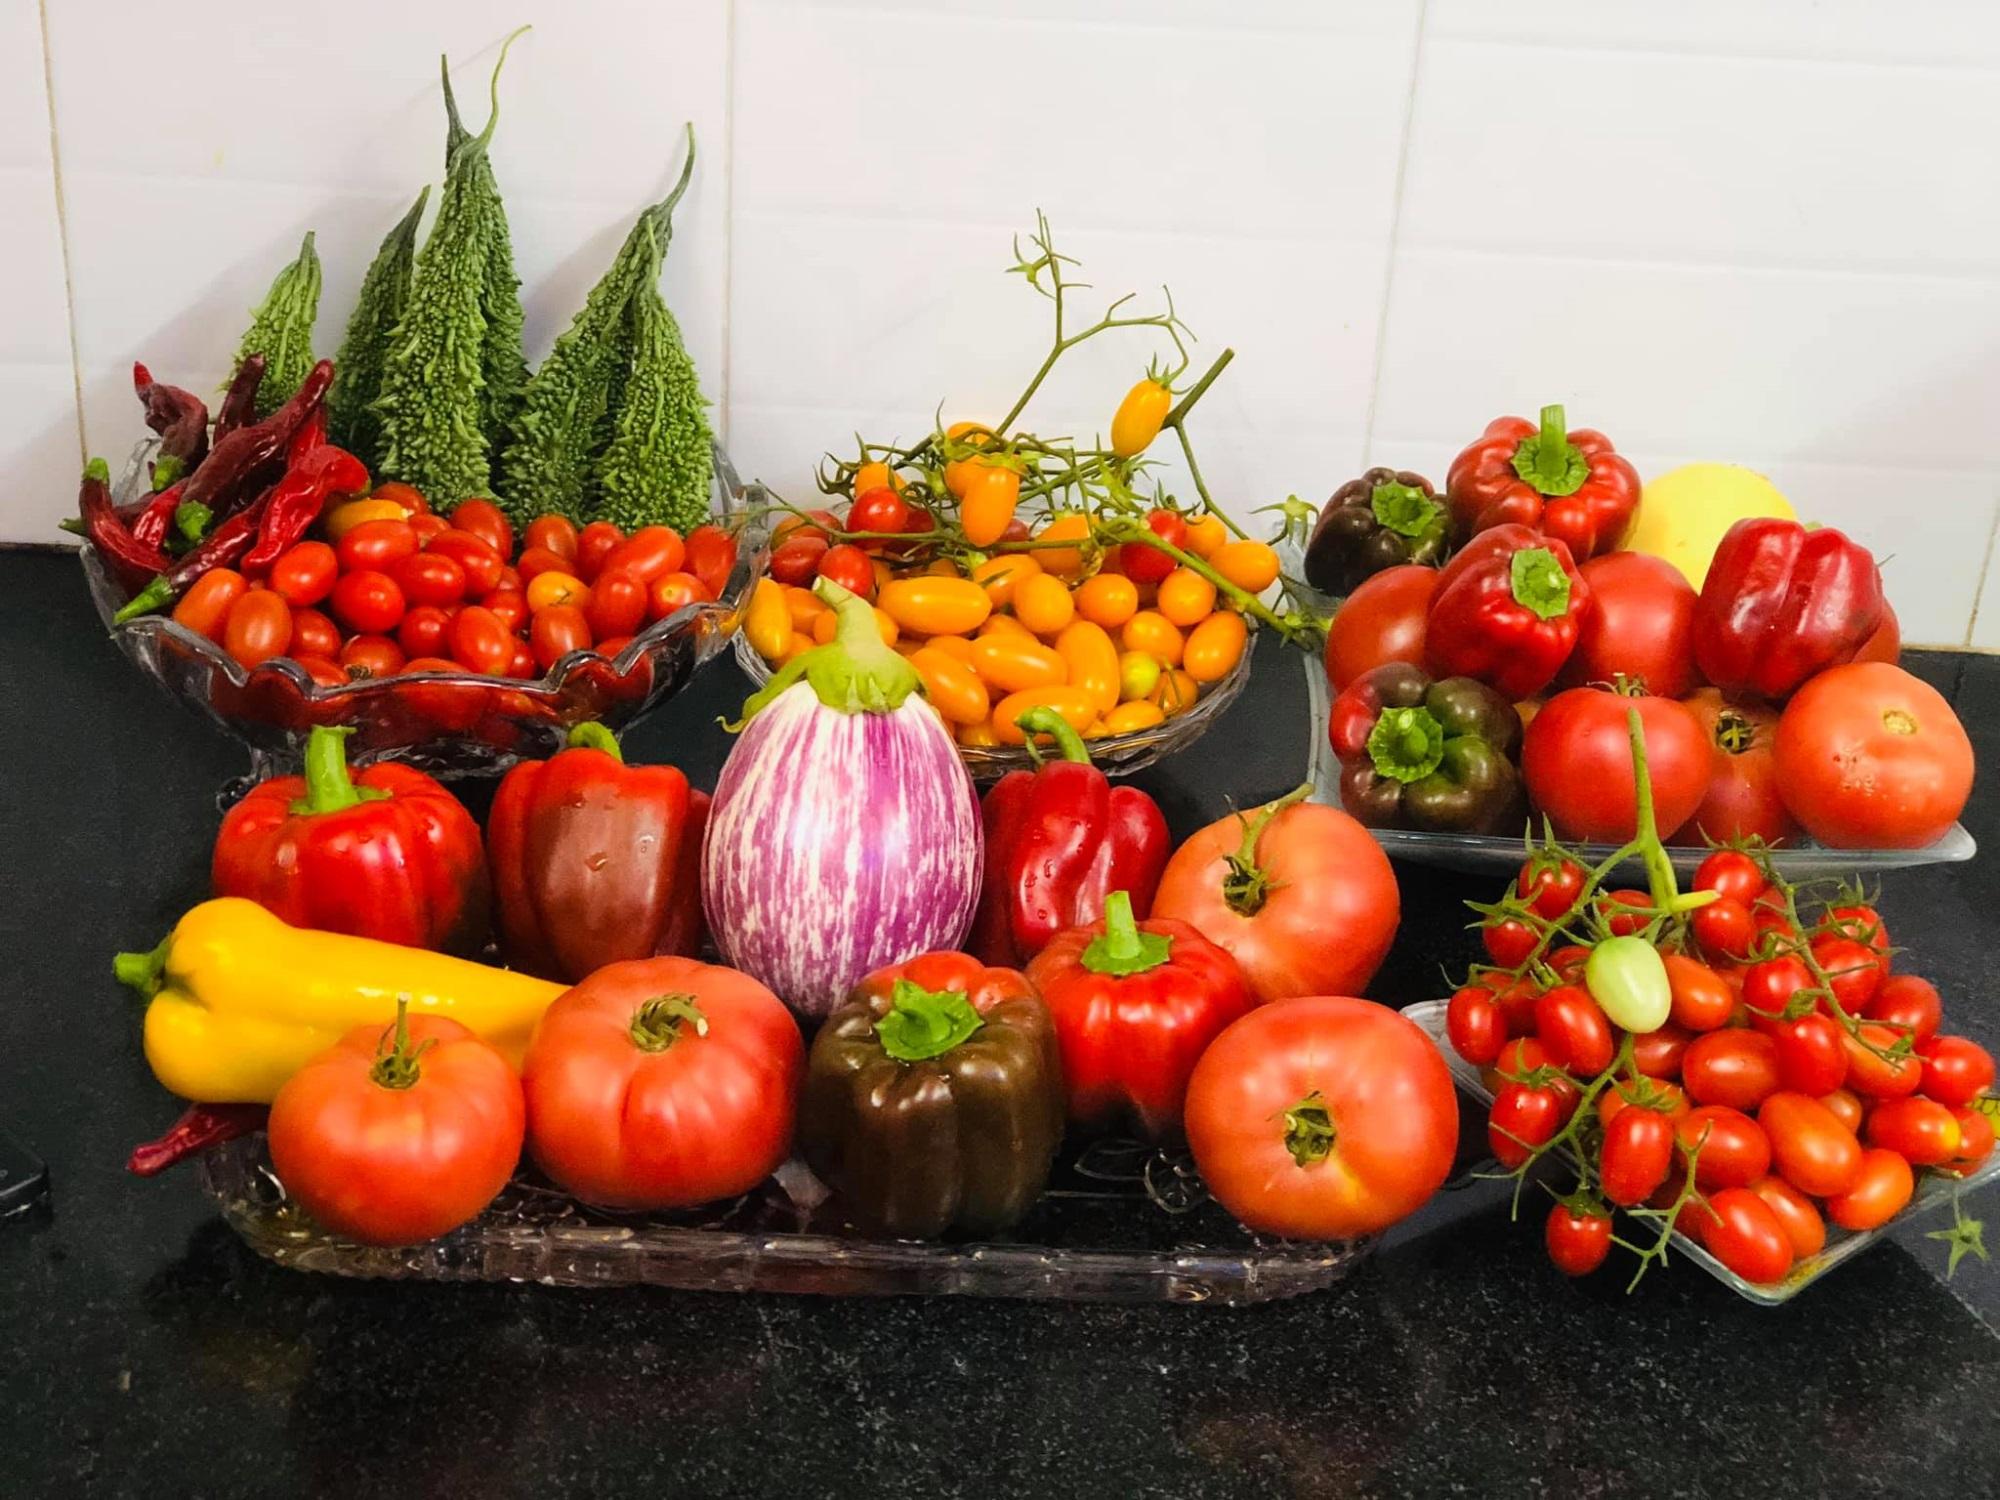 Khoe khu vườn sum sê trĩu quả, mẹ nội trợ tung luôn 'bí kíp' cho những ai mới 'tập tành' làm nông dân - Ảnh 12